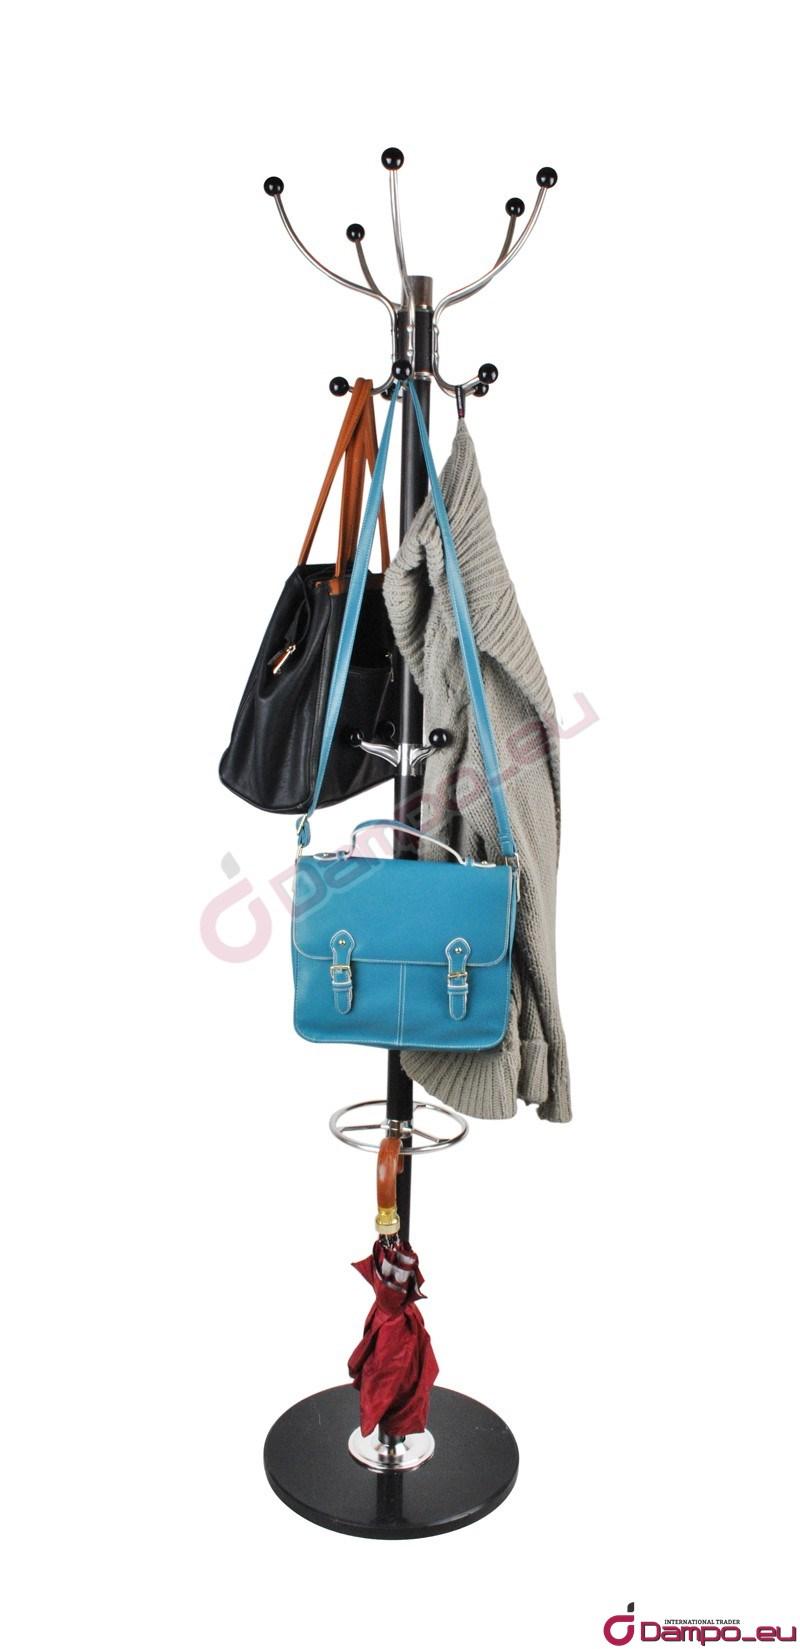 /></big></big><br /> <br /> <br /> <big><big>Horní,  delší věšáky jsou vhodné na oblečení, zaoblené konce neničí látku.  Dolní jsou pak na věšení deštníků nebo dokonce kabelek!</big></big><br /> <big><big><img style=